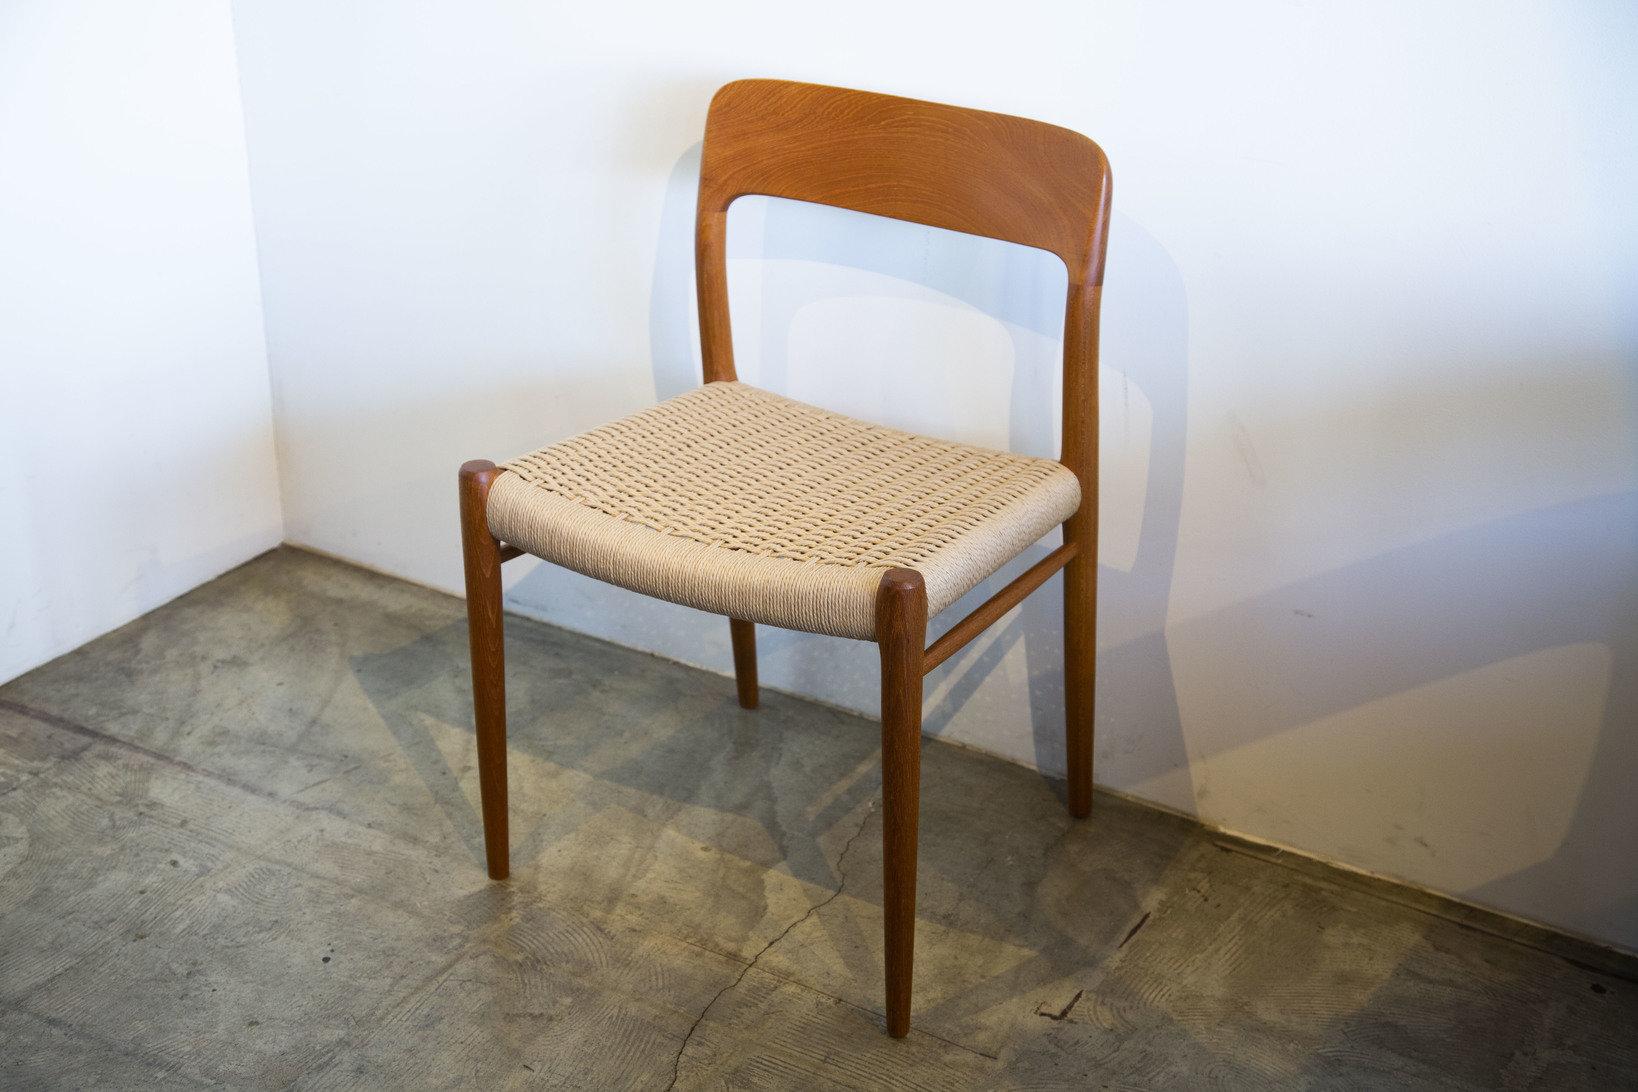 広葉樹で作られた椅子。このような椅子を杉で作ろうとすると、座った際に脚が折れてしまう。(Photo:Yuco Nakamura)